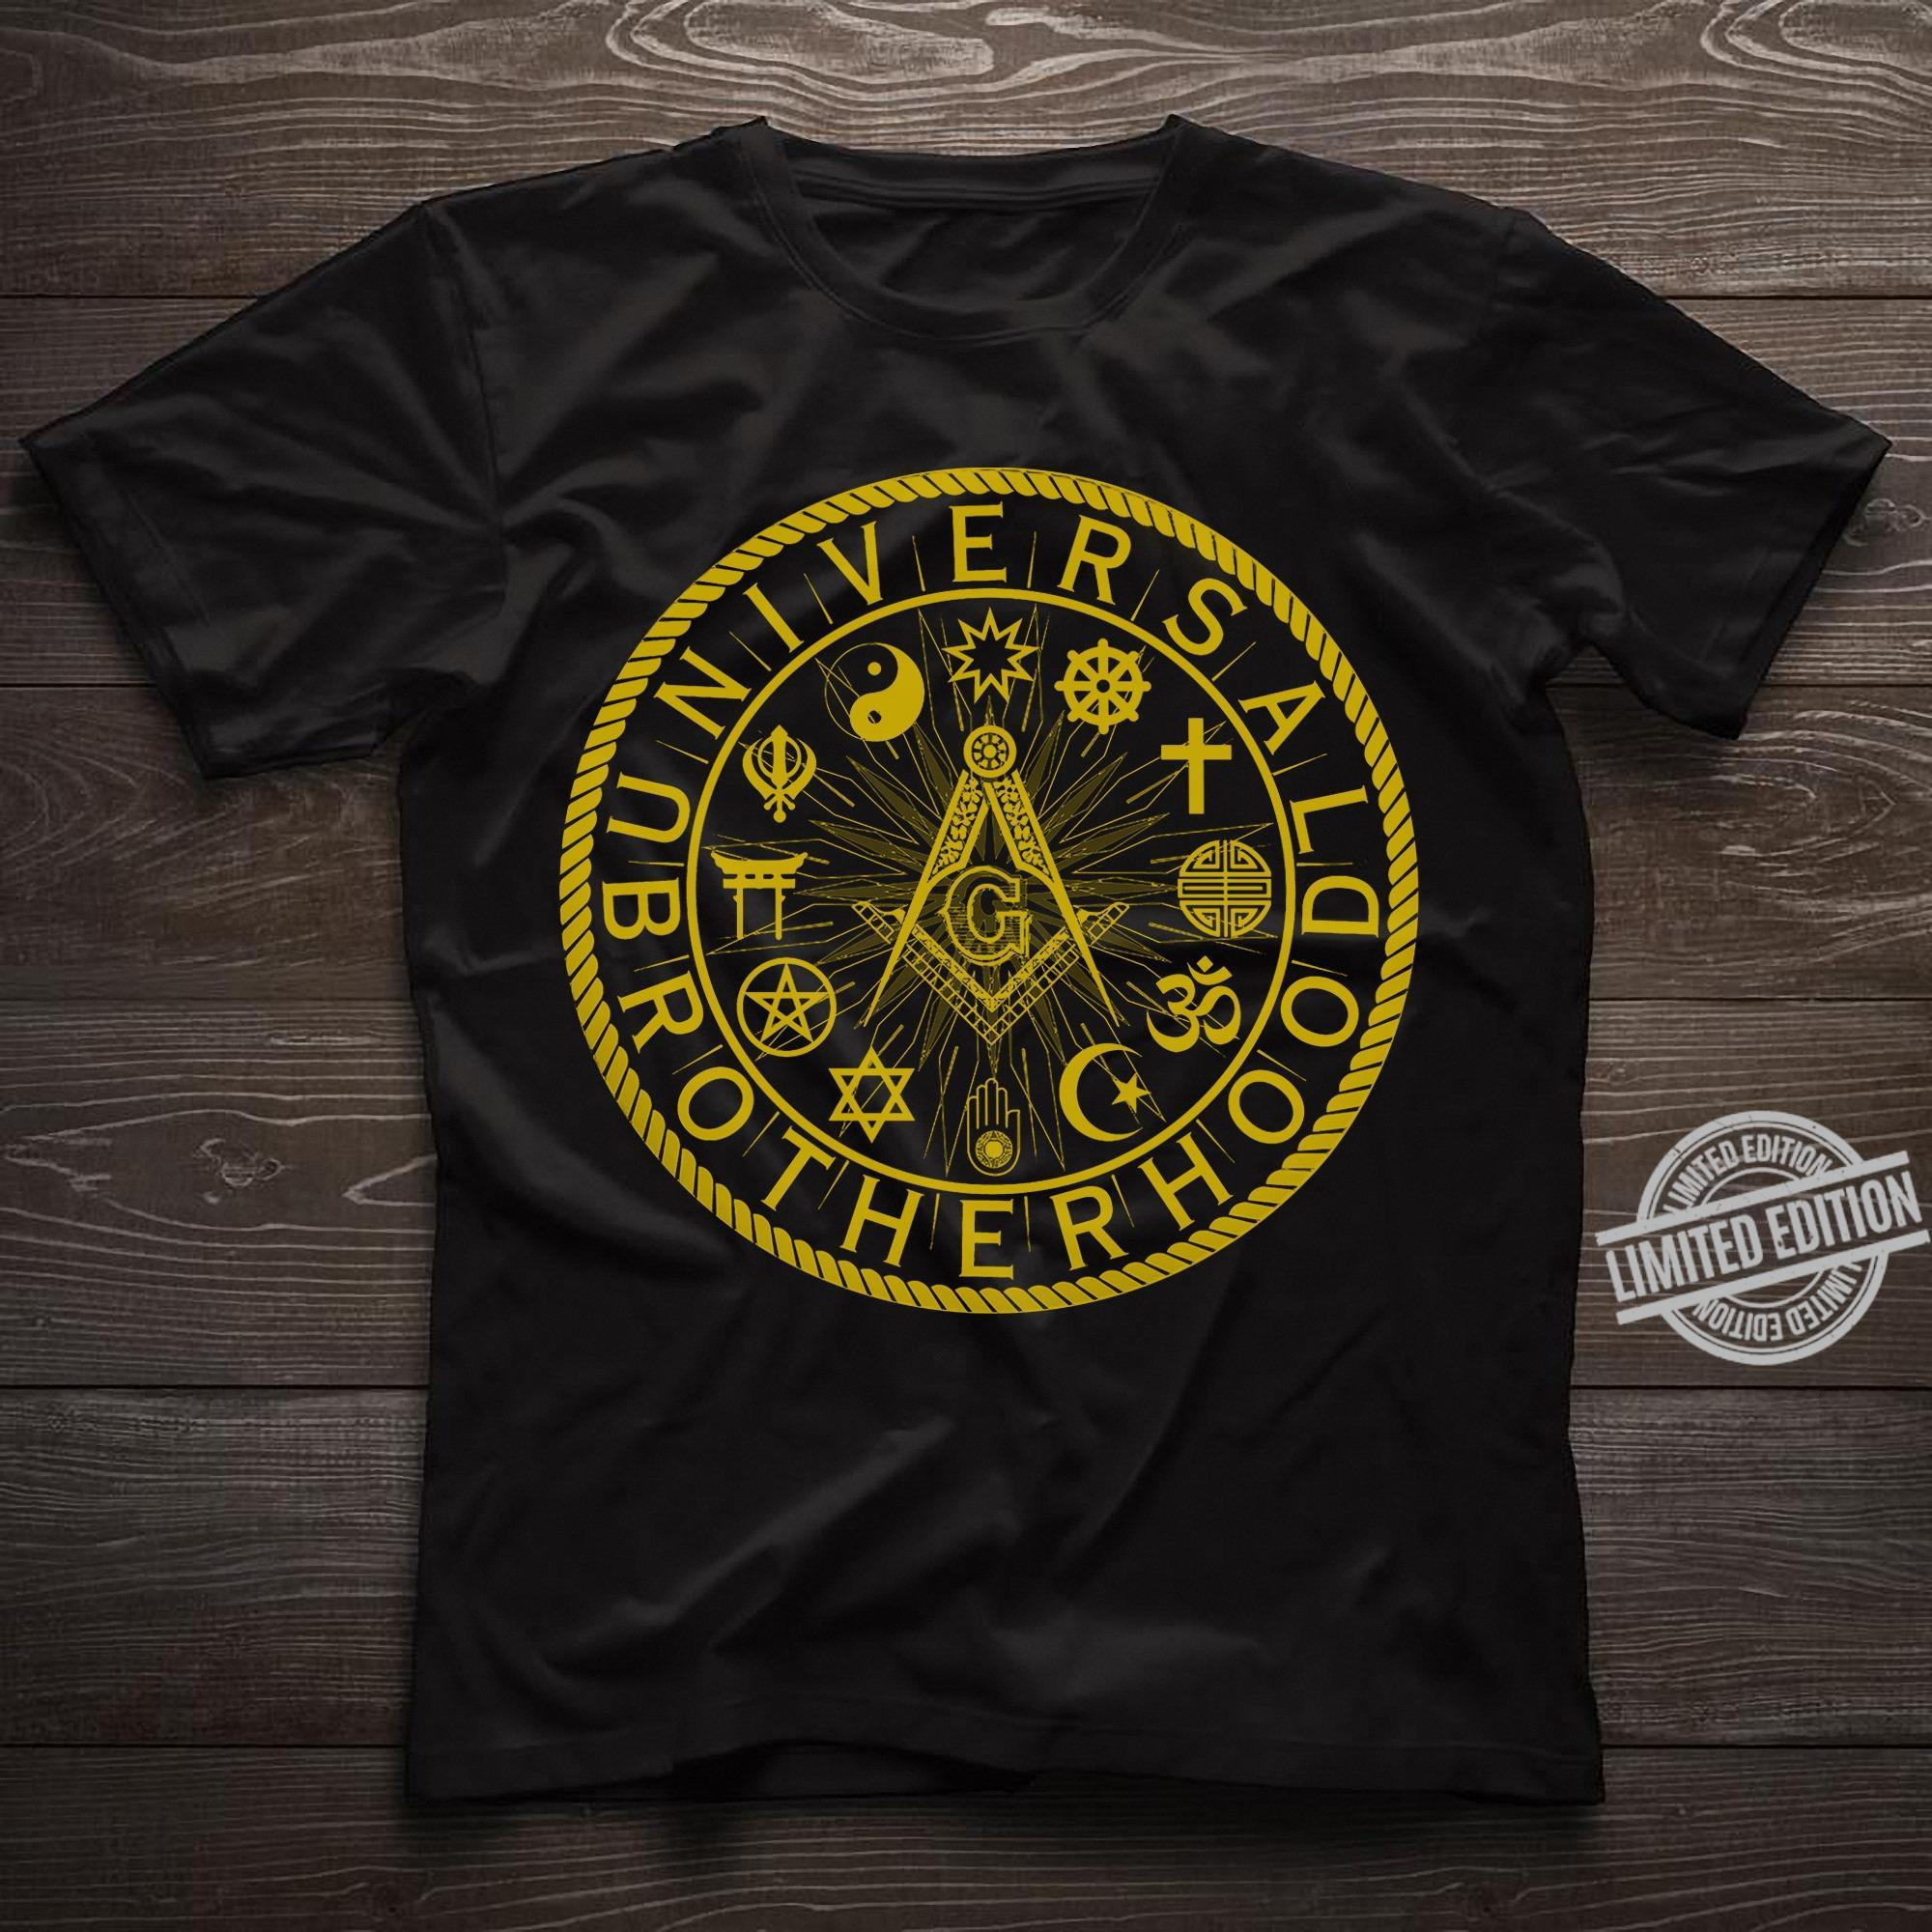 Universal Brotherhood Shirt